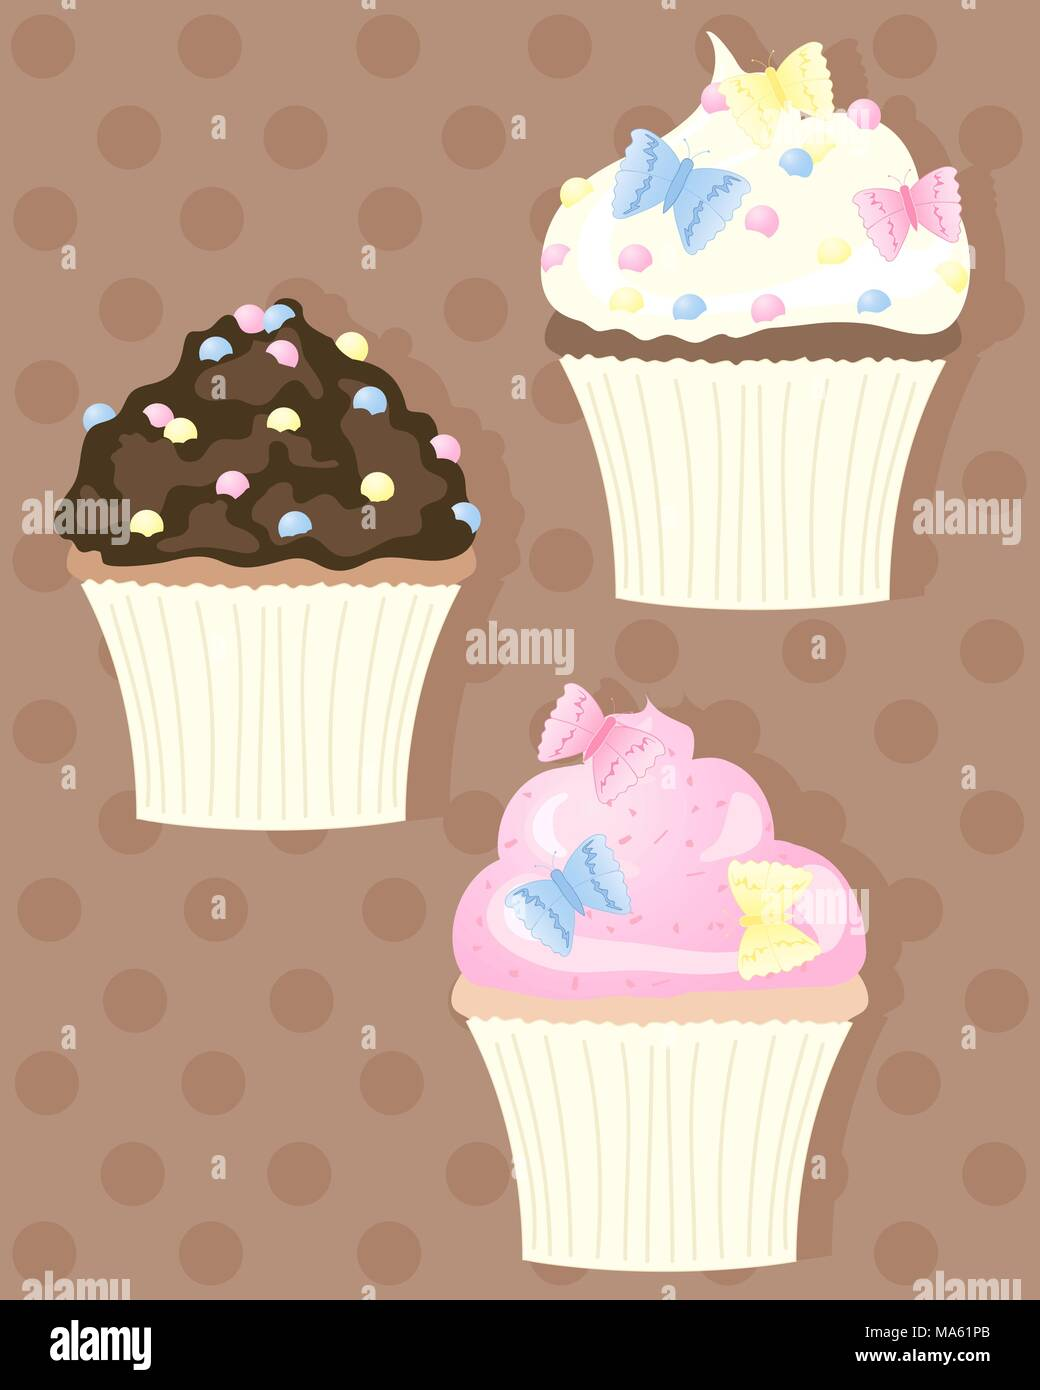 Beste Cupcakes Färbung Seite Ideen - Druckbare Malvorlagen ...